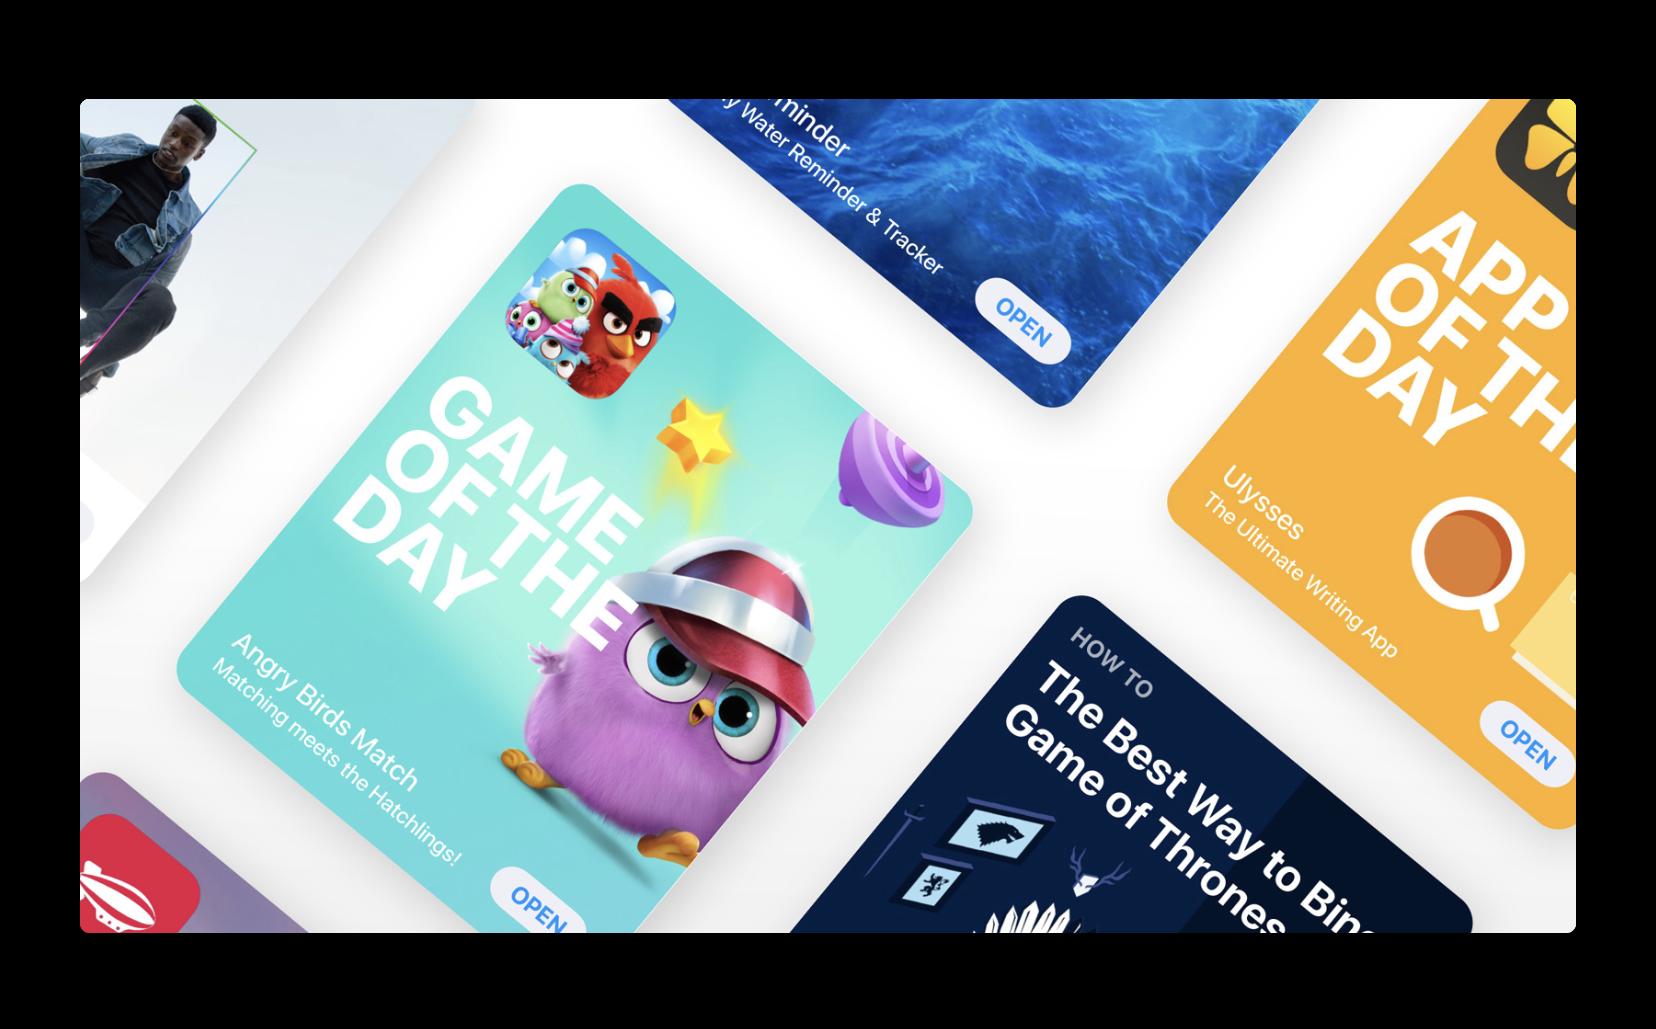 iOS 11.3の新機能、Apple IDを切り替えることなく外国のApp Storeから取得したアプリを更新